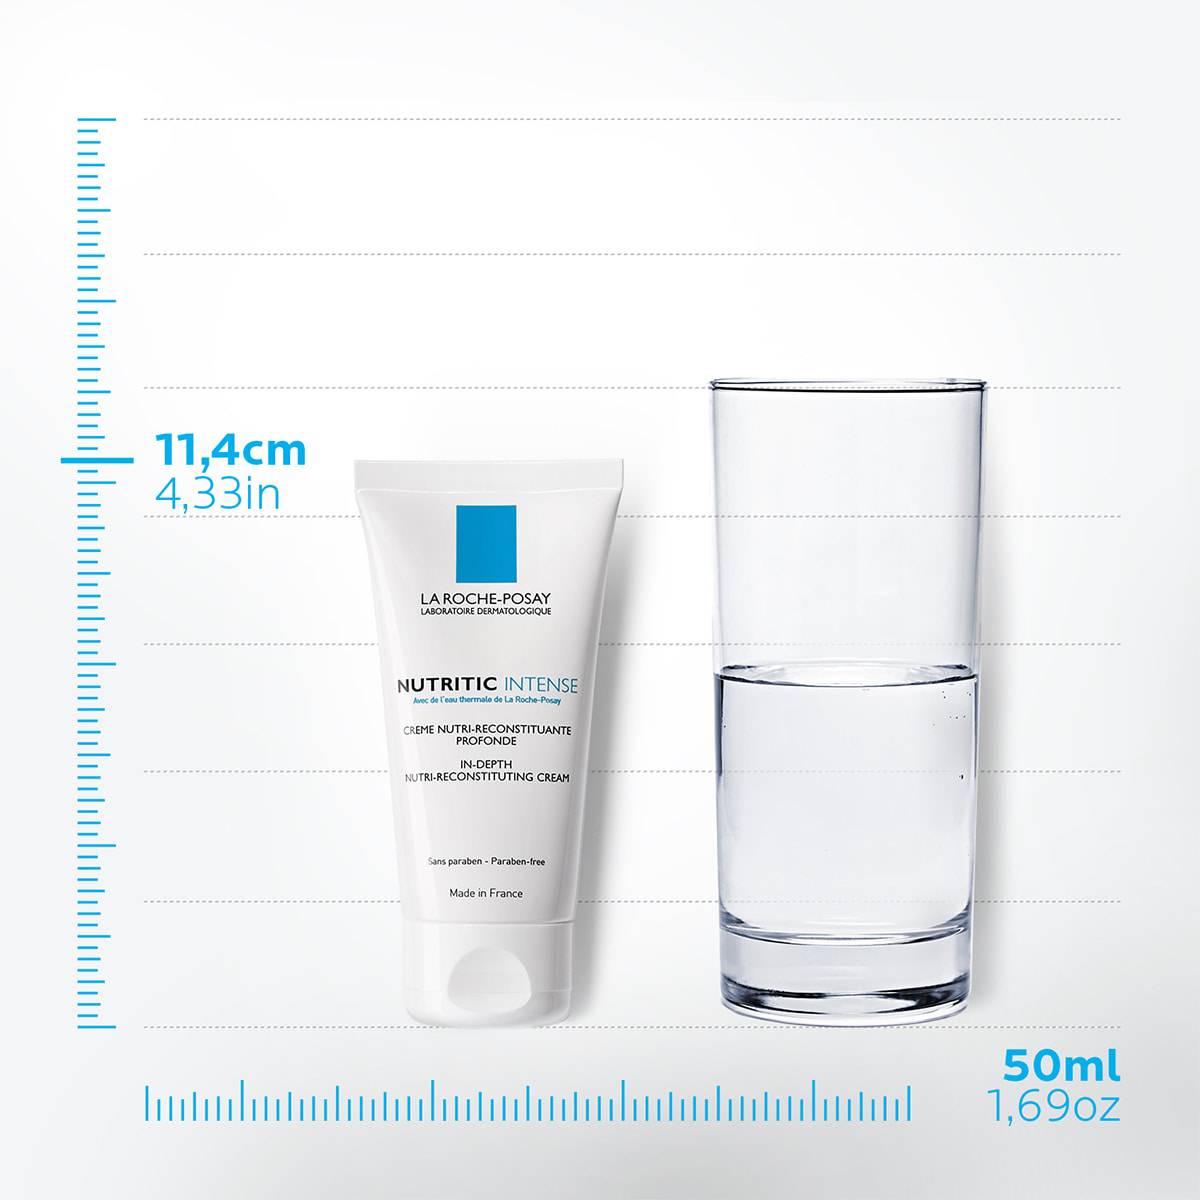 La Roche Posay ProductPage Face Care Nutritic Intense Cream 50ml 33378